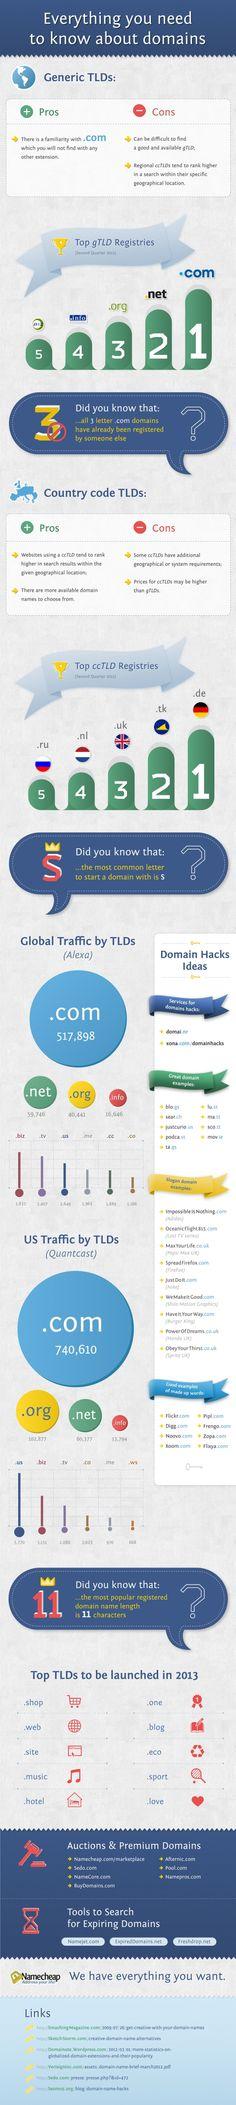 Todo lo que necesitas saber sobre los Dominios #infografia #infographic #internet